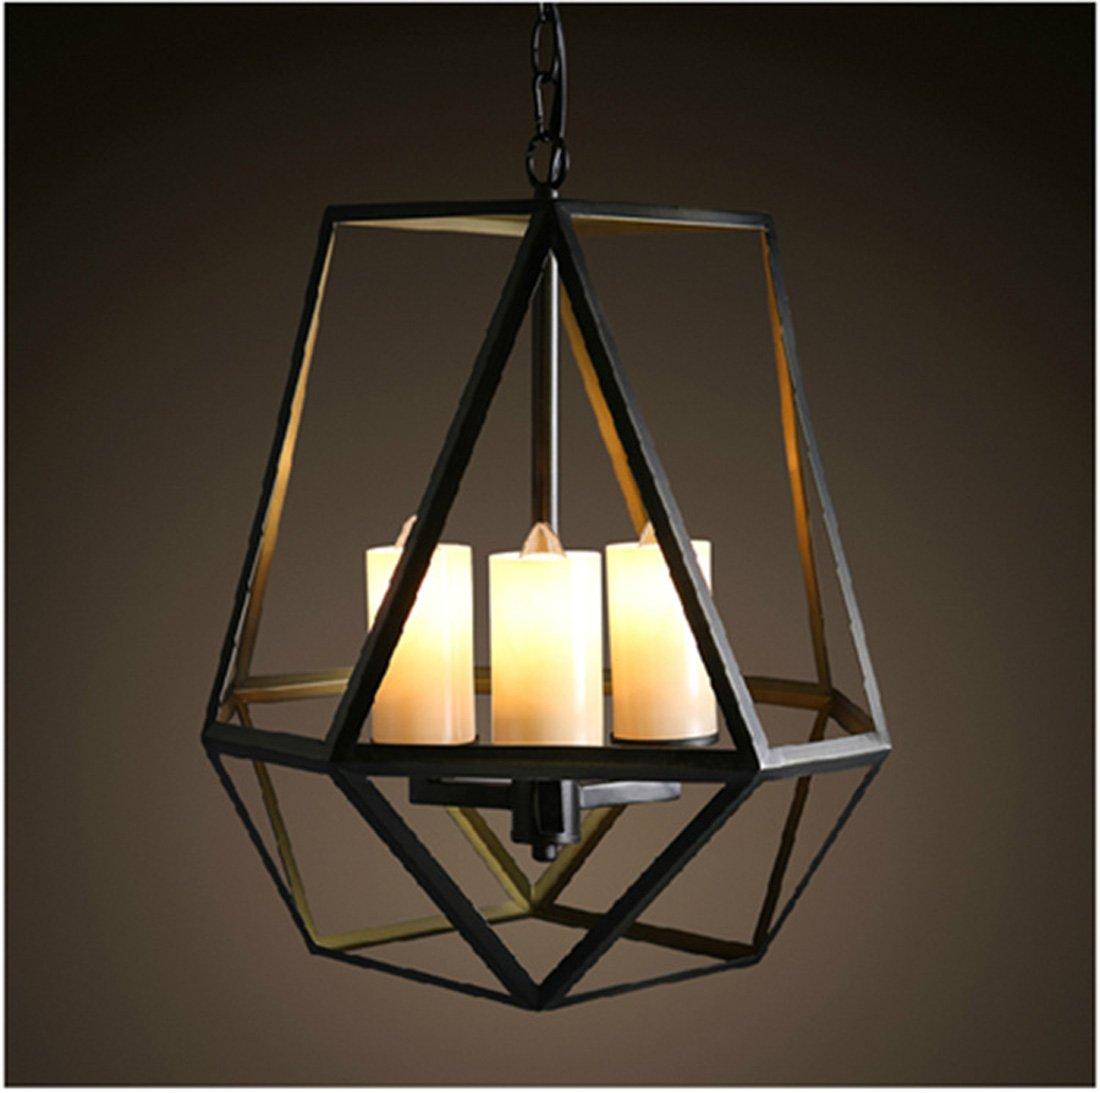 Ydxwan LED Schmiedeeisen Retro Kronleuchter Industrie Stil 4 Kopf Glühbirne/Café / Restaurant/Kanal Innen Kronleuchter (ohne Glühbirnen)